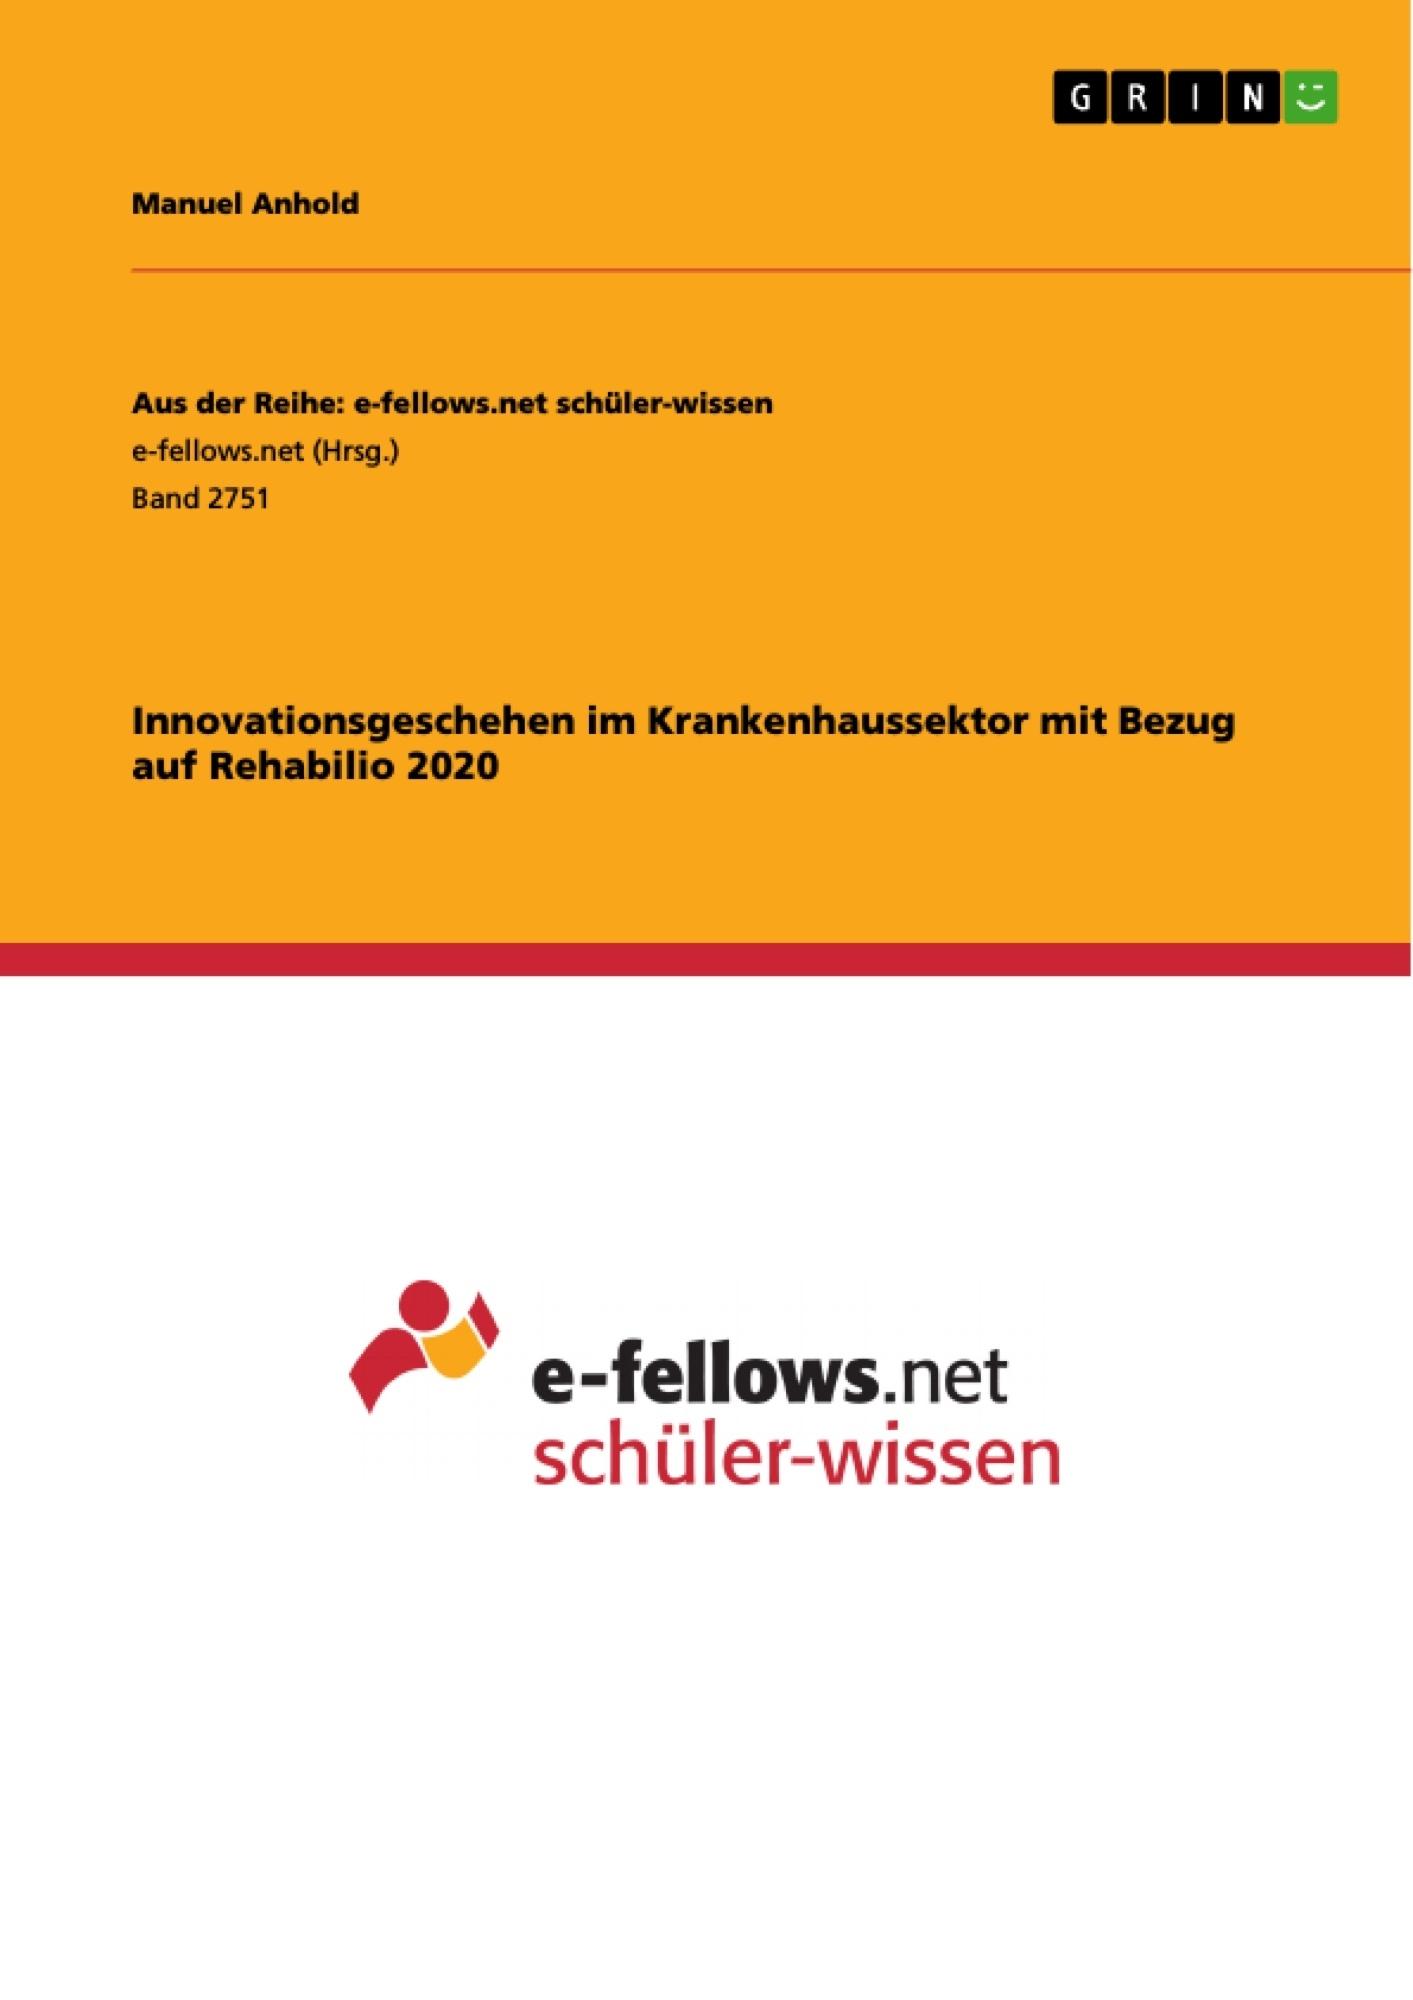 Titel: Innovationsgeschehen im Krankenhaussektor mit Bezug auf Rehabilio 2020